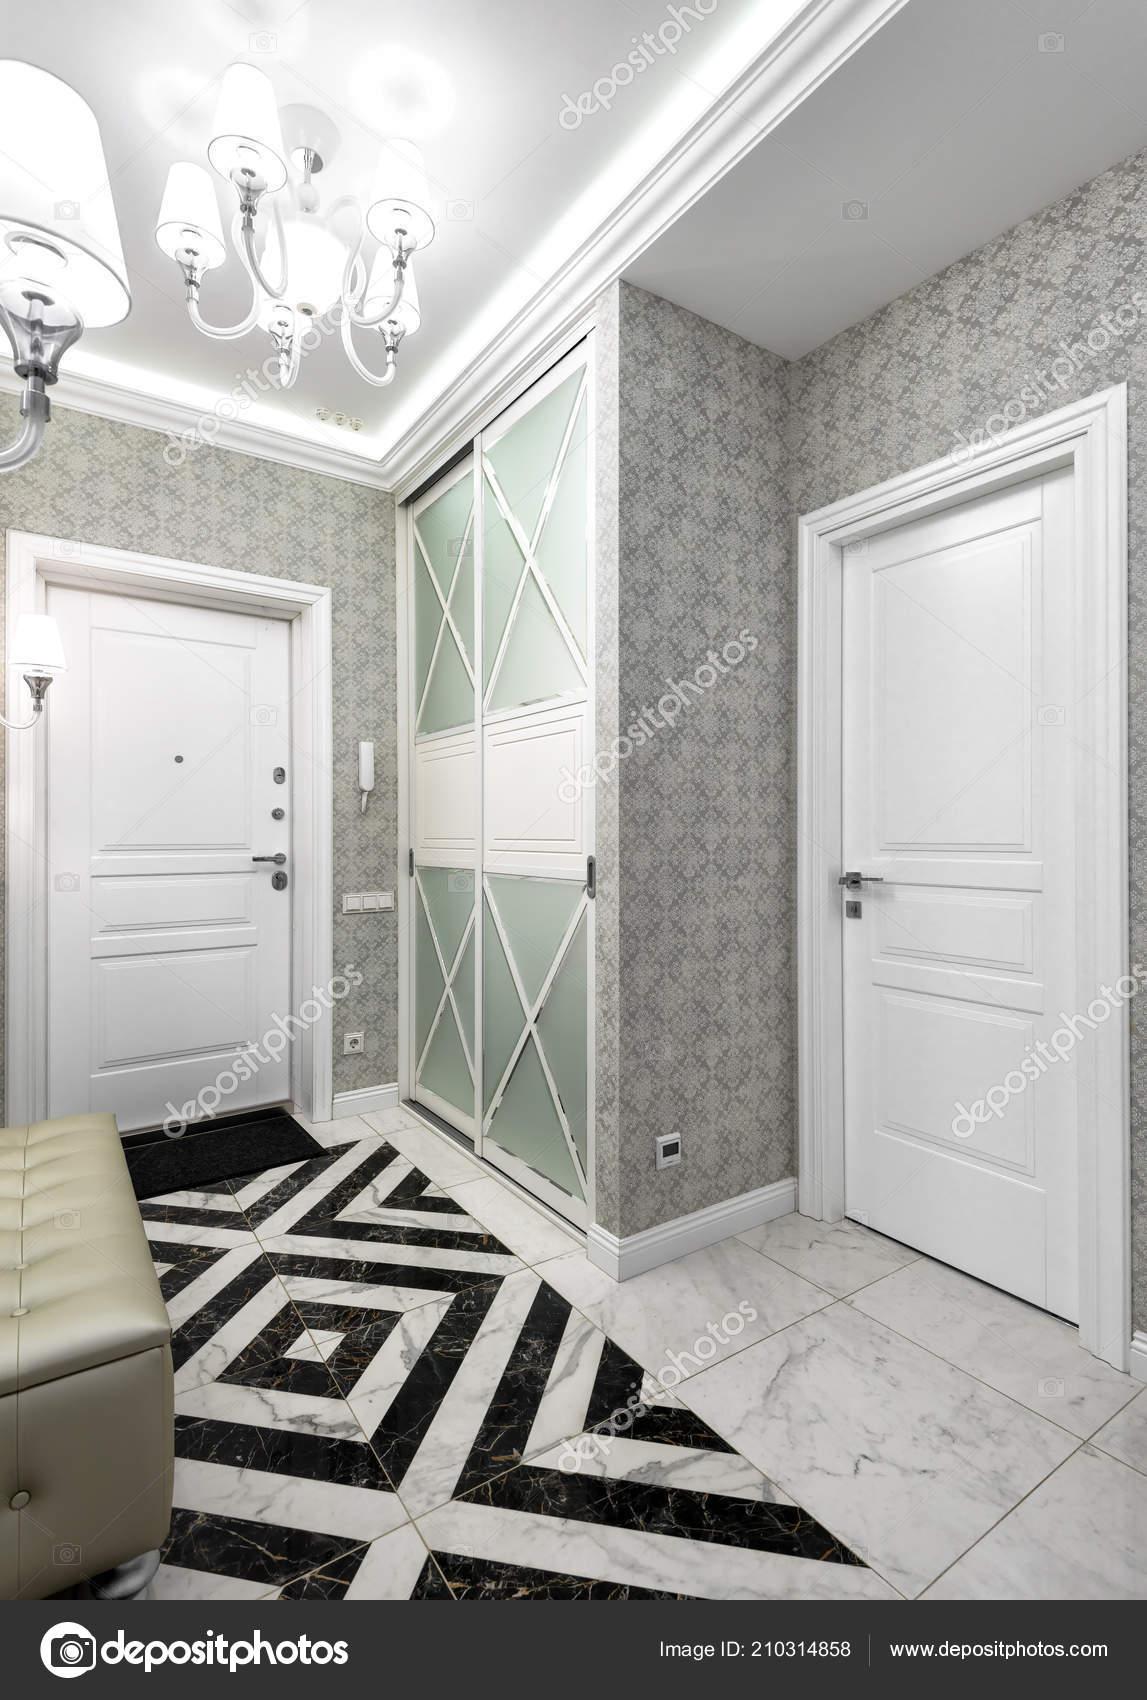 Moderne Wohnung Moskau | Moskau Juni 2018 Moderne Interieur Des Wohn Wohnung Flur Mit